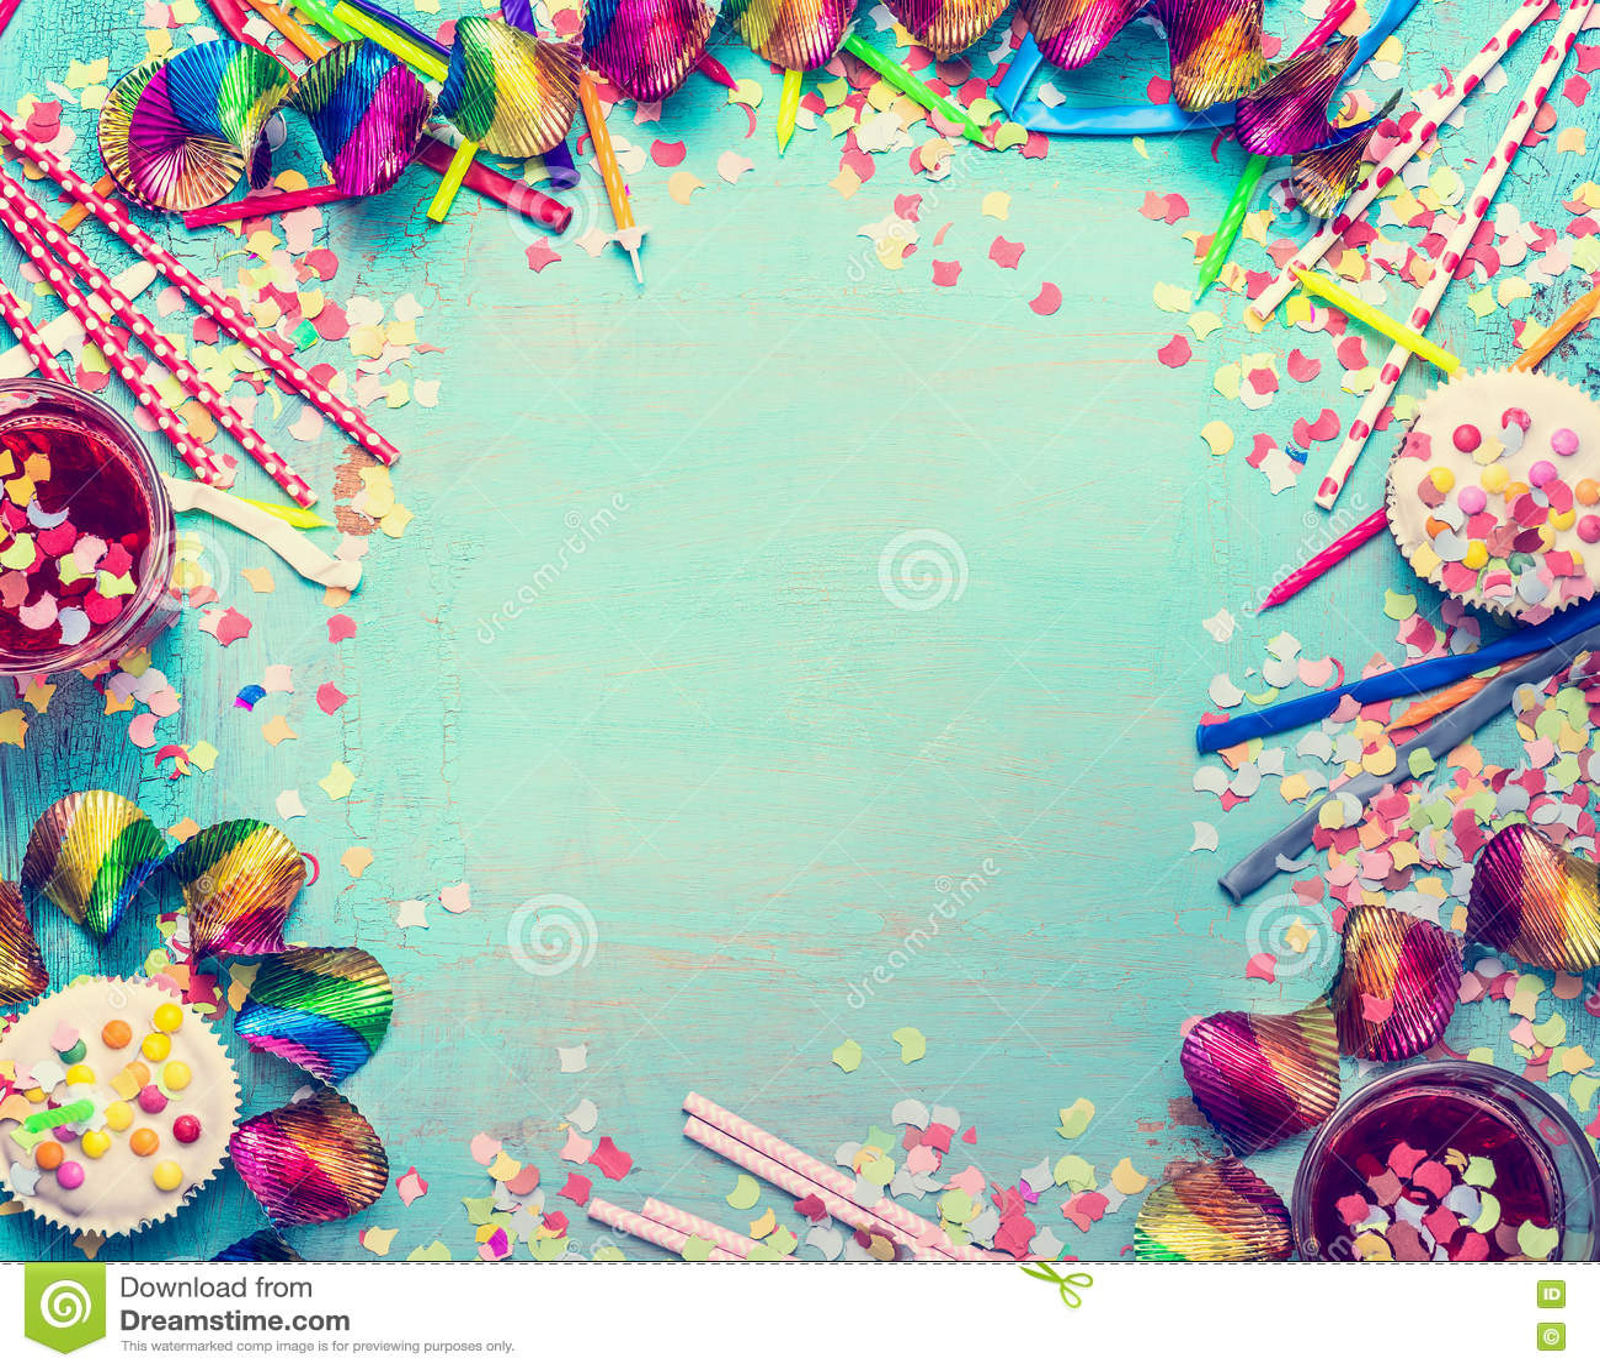 Alles Gute zum Geburtstagfeld Parteiwerkzeuge mit Kuchen, Getränken und Konfettis auf schäbigem schickem Hintergrund des Türkises